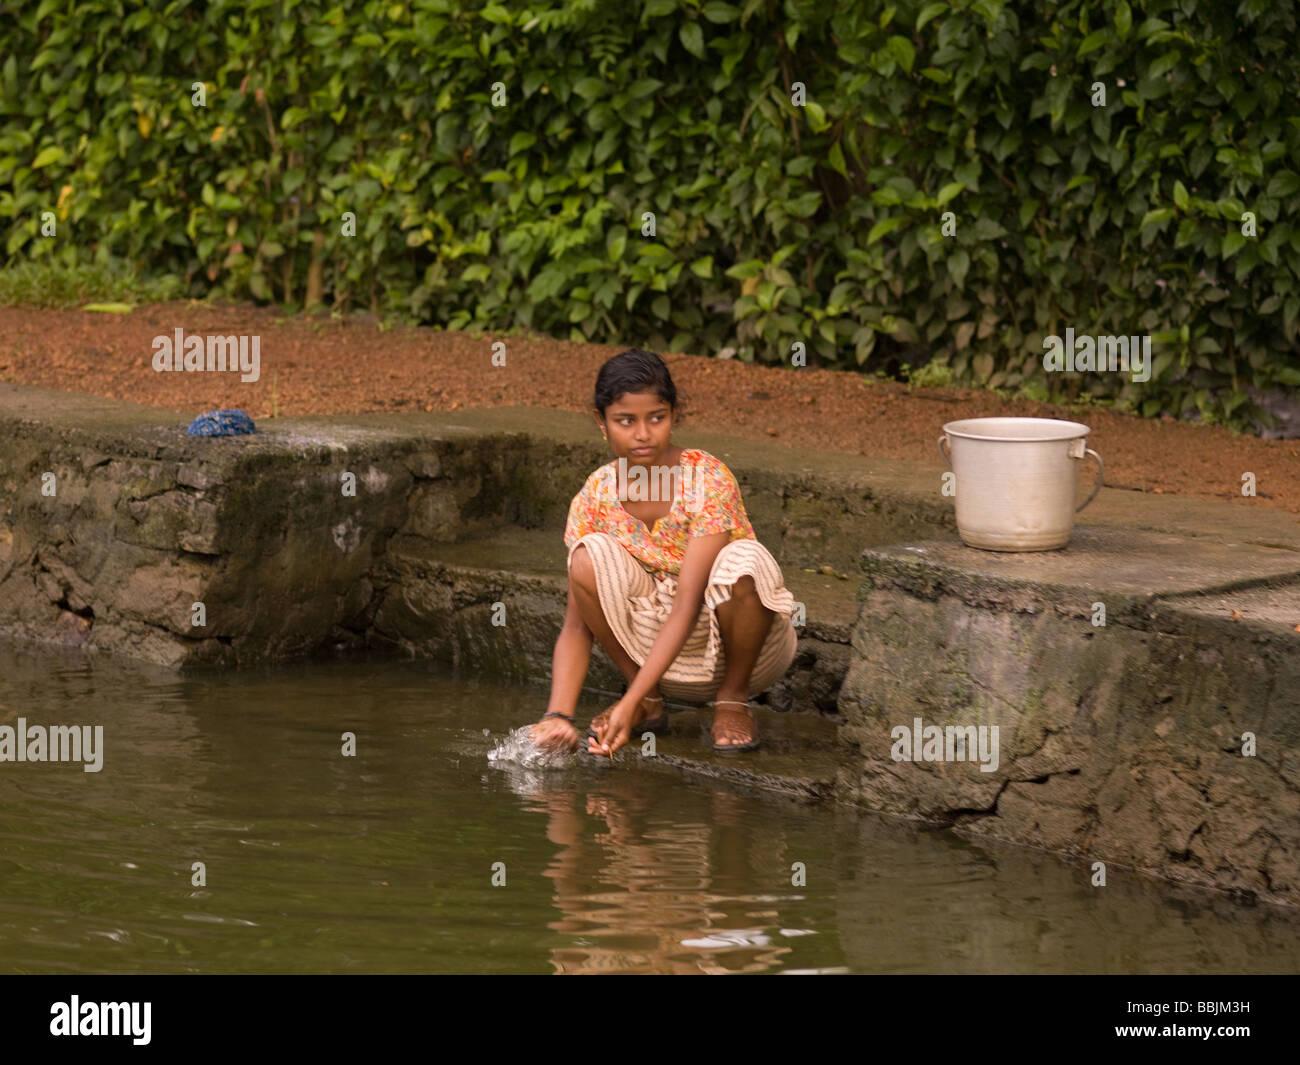 Punca v Indiji Pranje oblačil v rečni vodi. Fotograf 24382501 - Alamy-4489